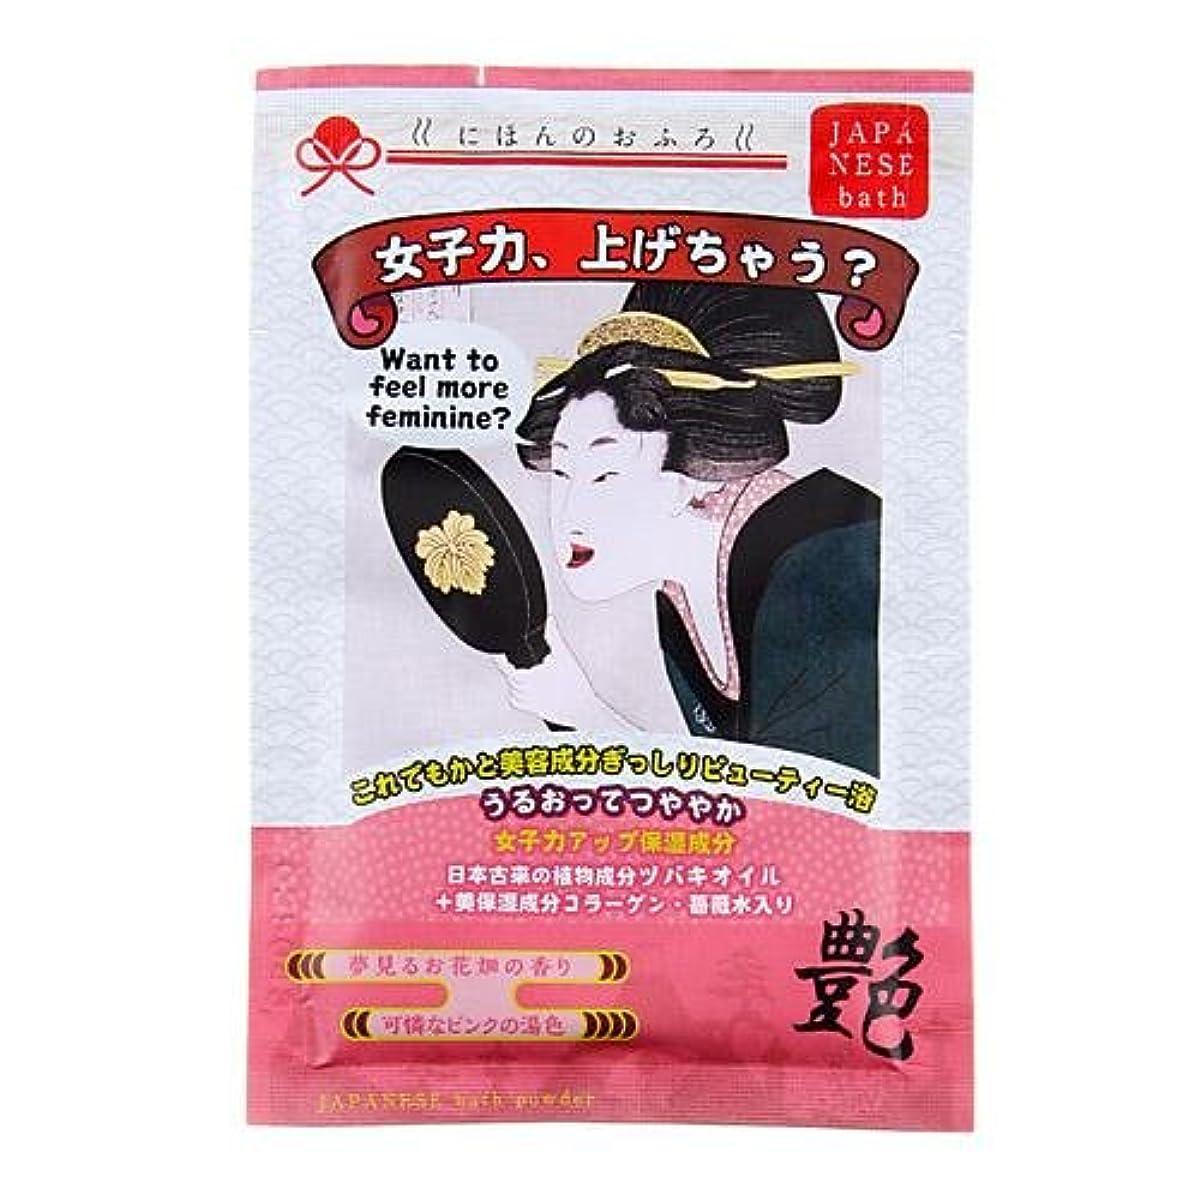 迷惑テセウス内陸日本のお風呂 「女子力、上げちゃう?」 10個セット